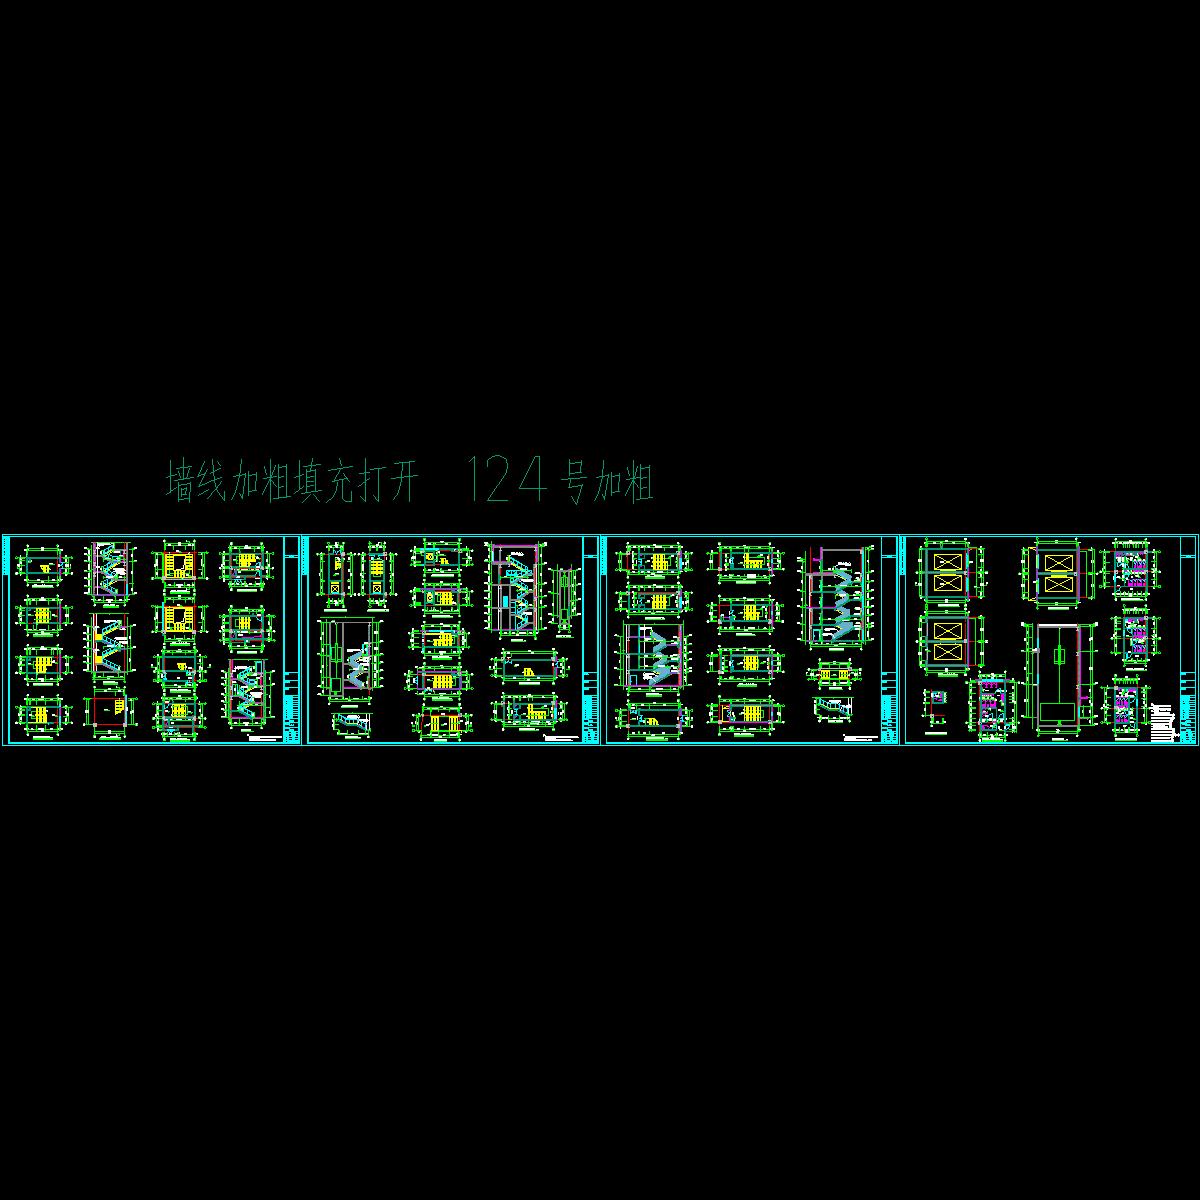 04 唐山中宝bmw 4s楼梯大样图20120416_t3.dwg